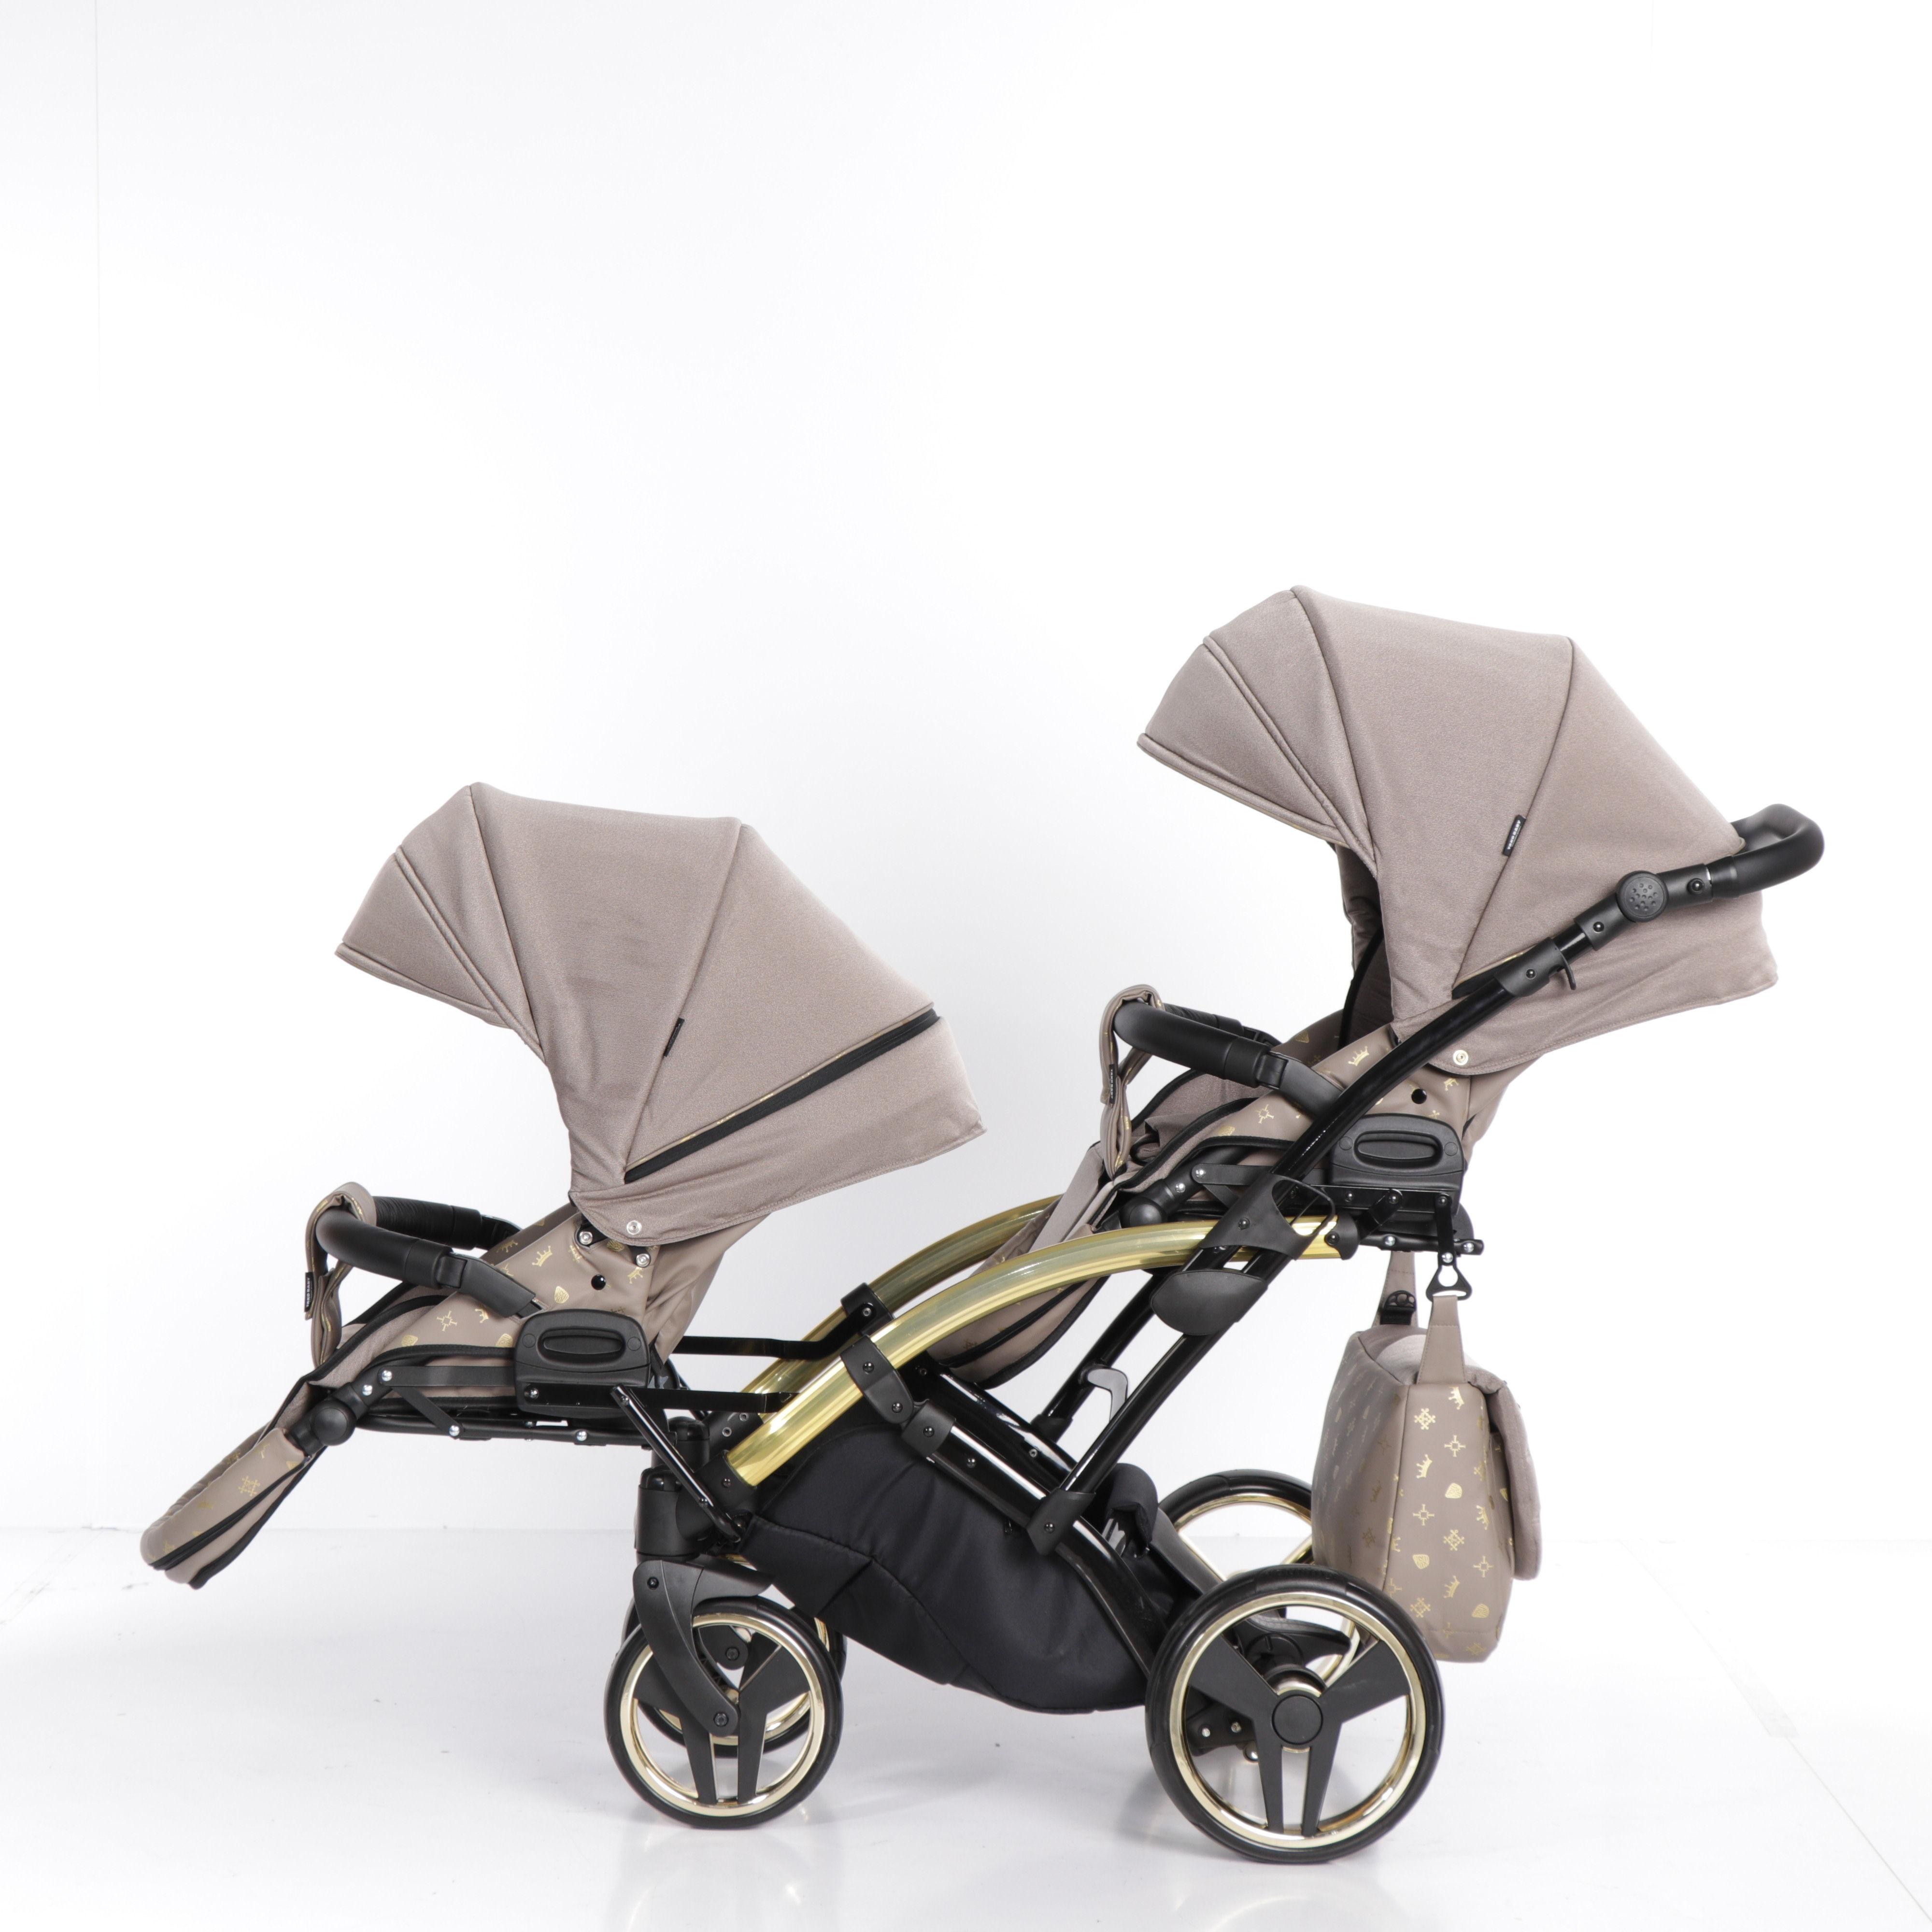 wózek bliźniaczy Imperial Laret Duo Tako wielofunkcyjny dzieciecy Dadi Shop funkcje montaż gondola spacerówka